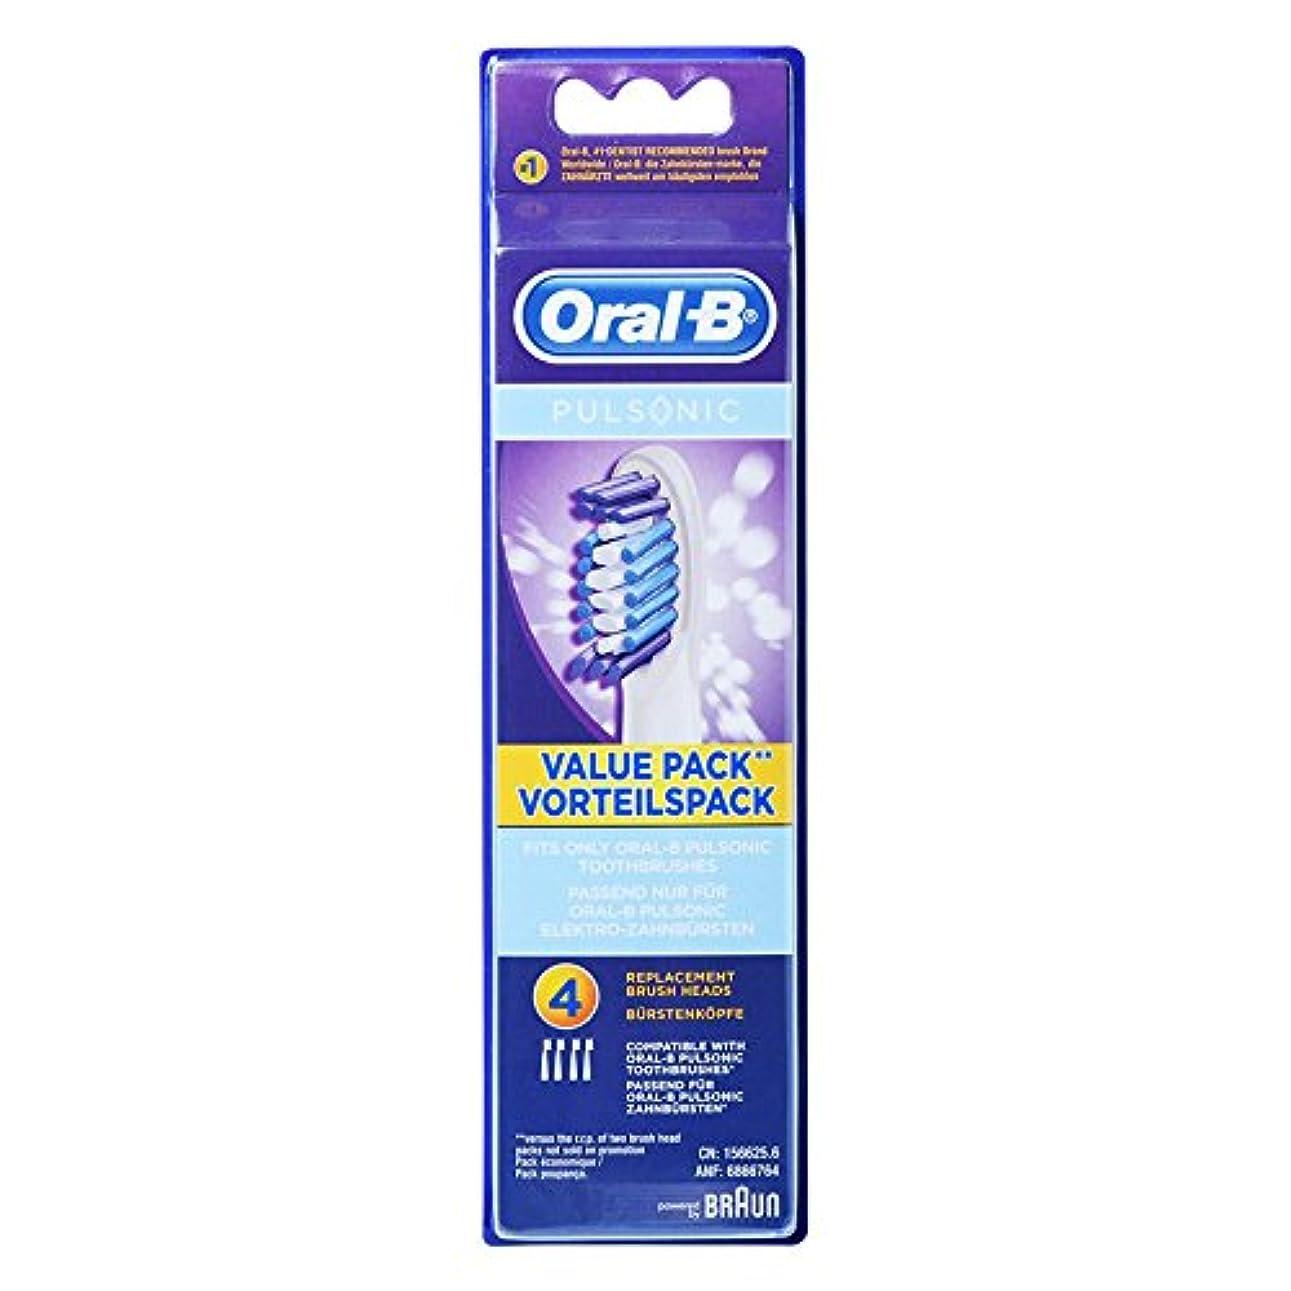 とは異なりサバント写真のBraun Oral-B SR32-4 Pulsonic Value Pack 交換用ブラシヘッド 1Pack [並行輸入品]